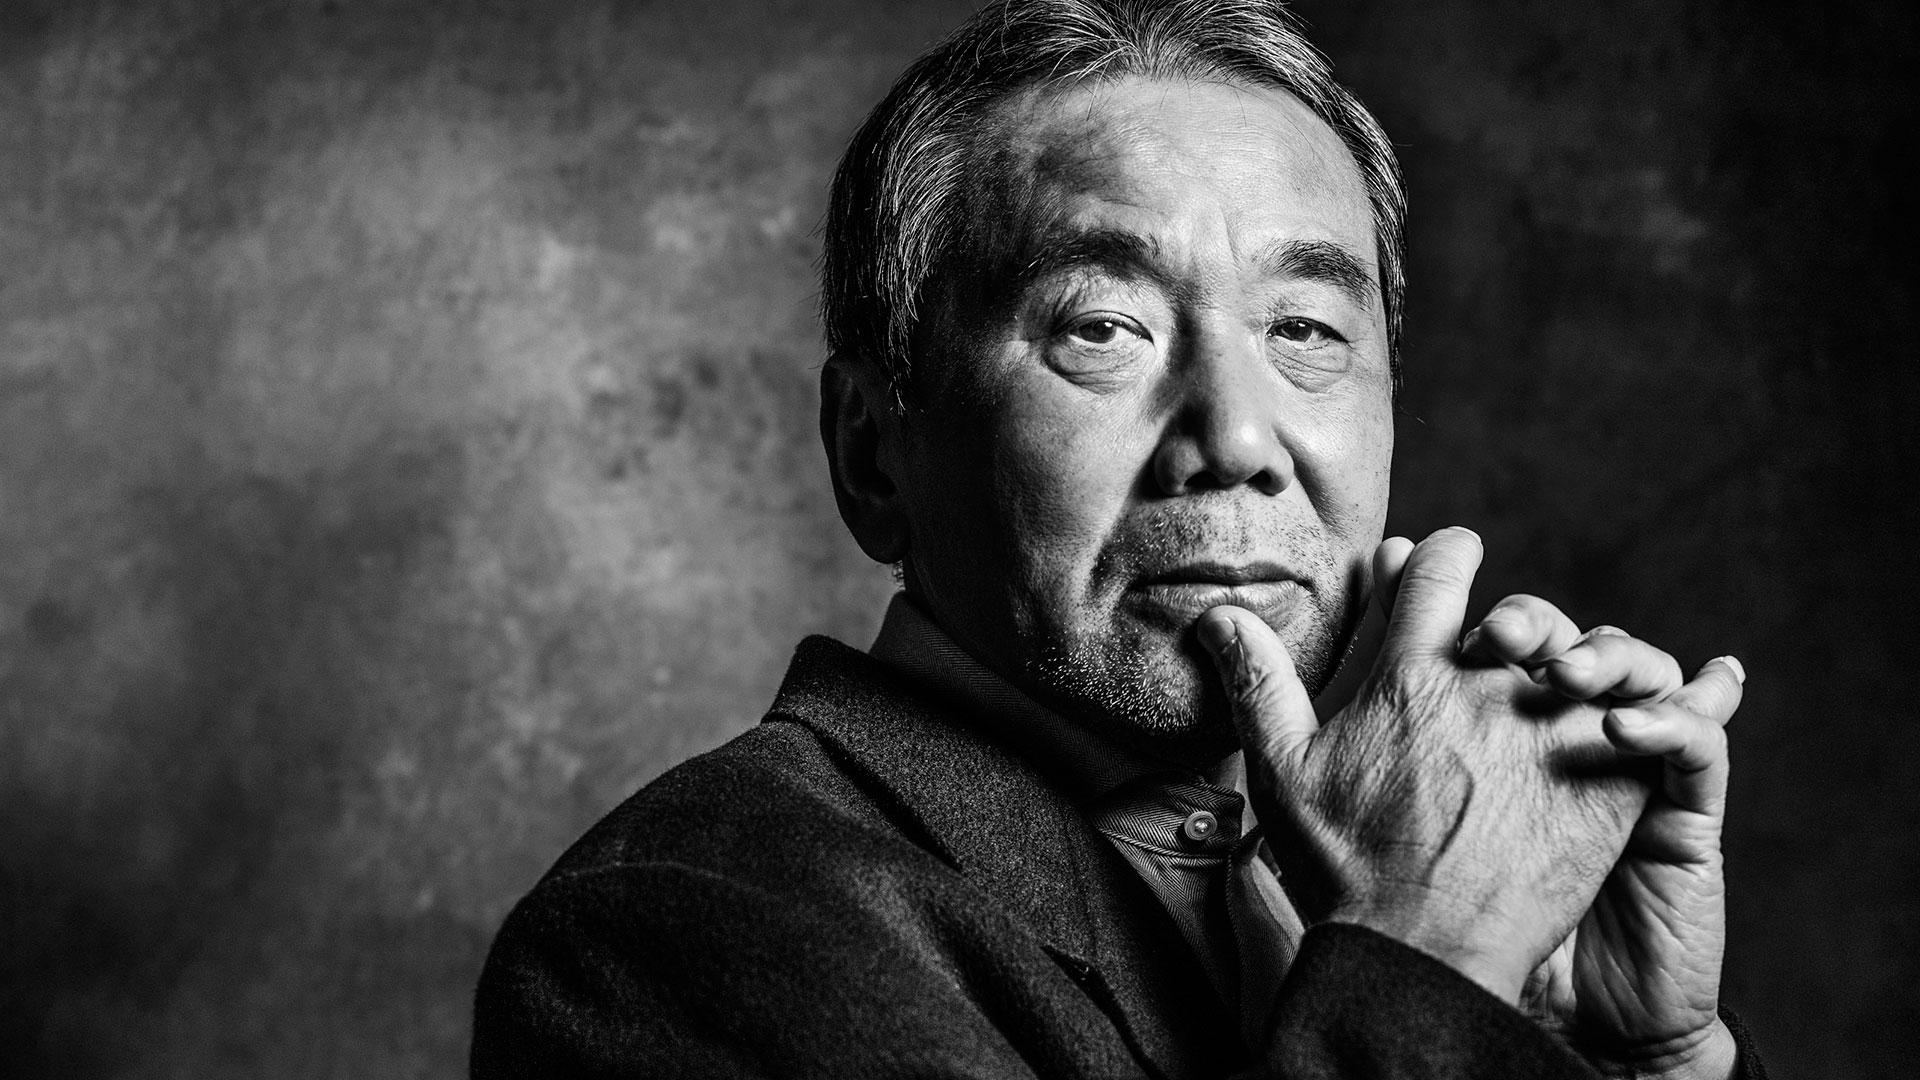 Murakami el escritor japonés hero asset